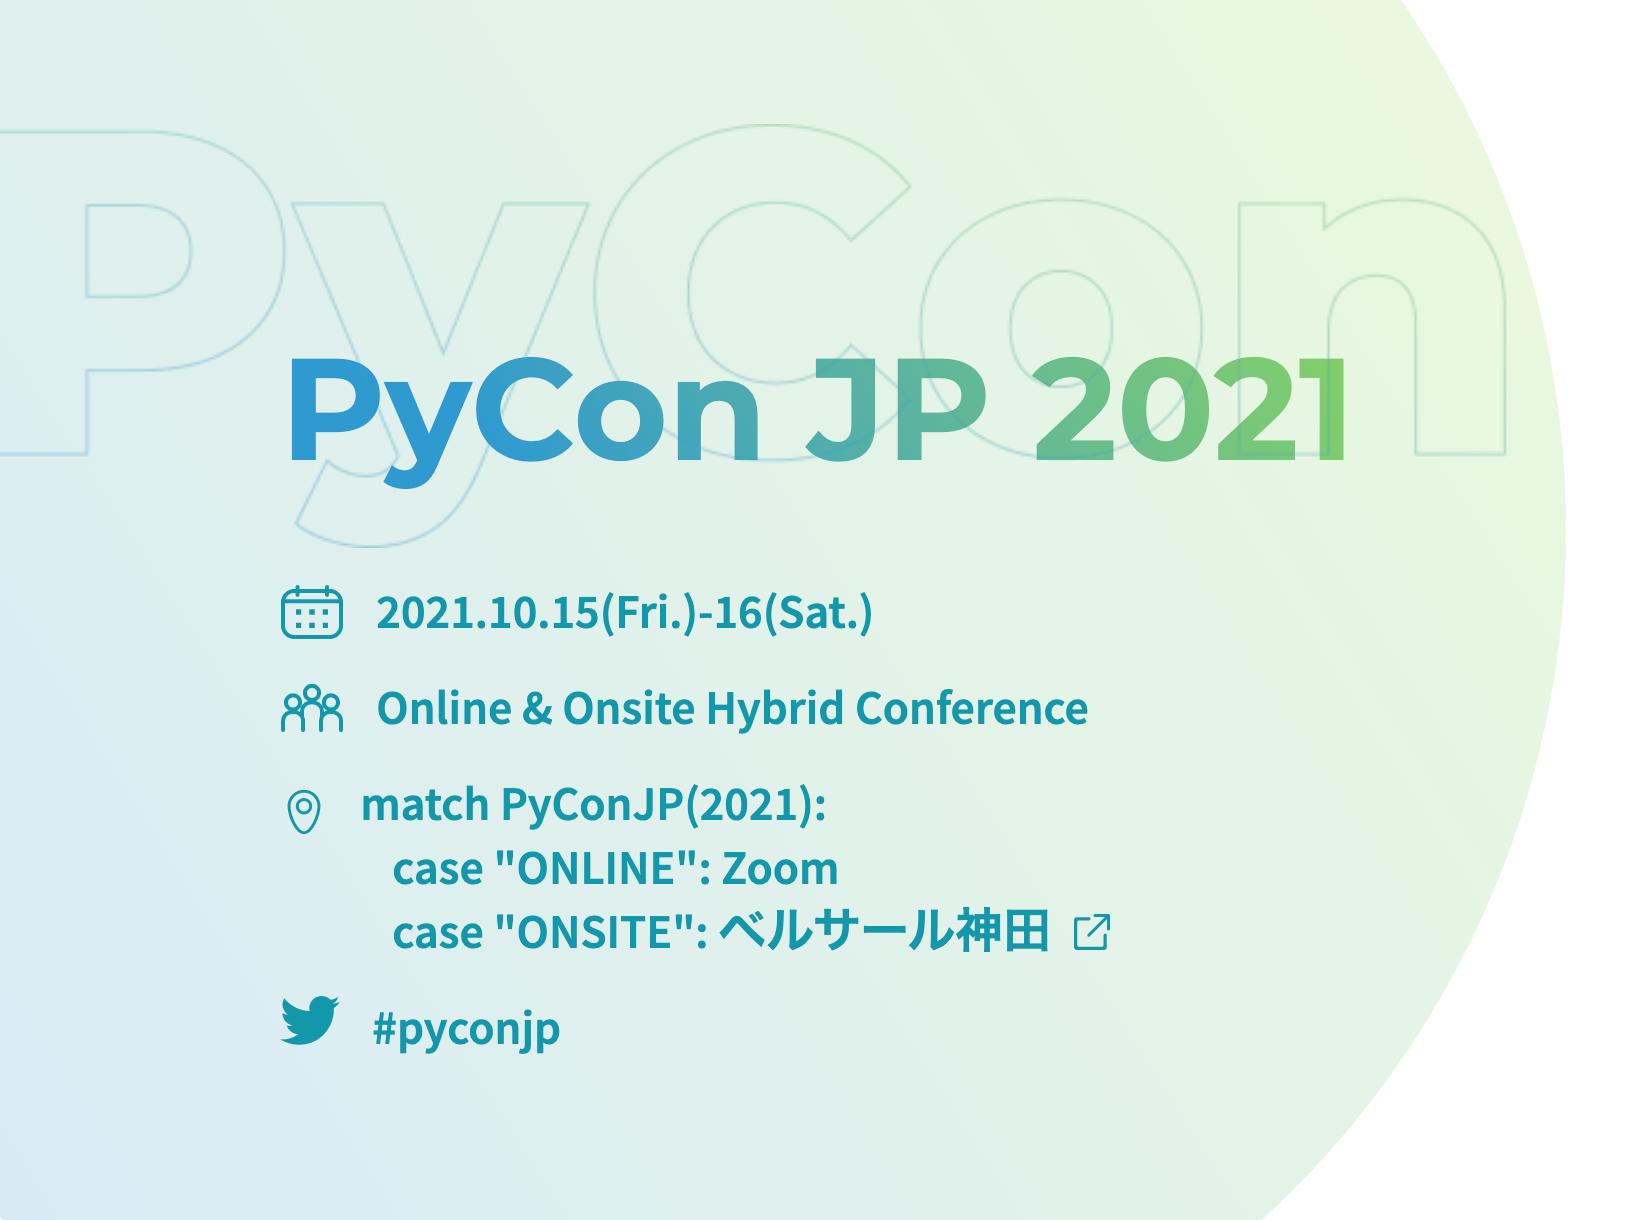 PyCon JP 2021